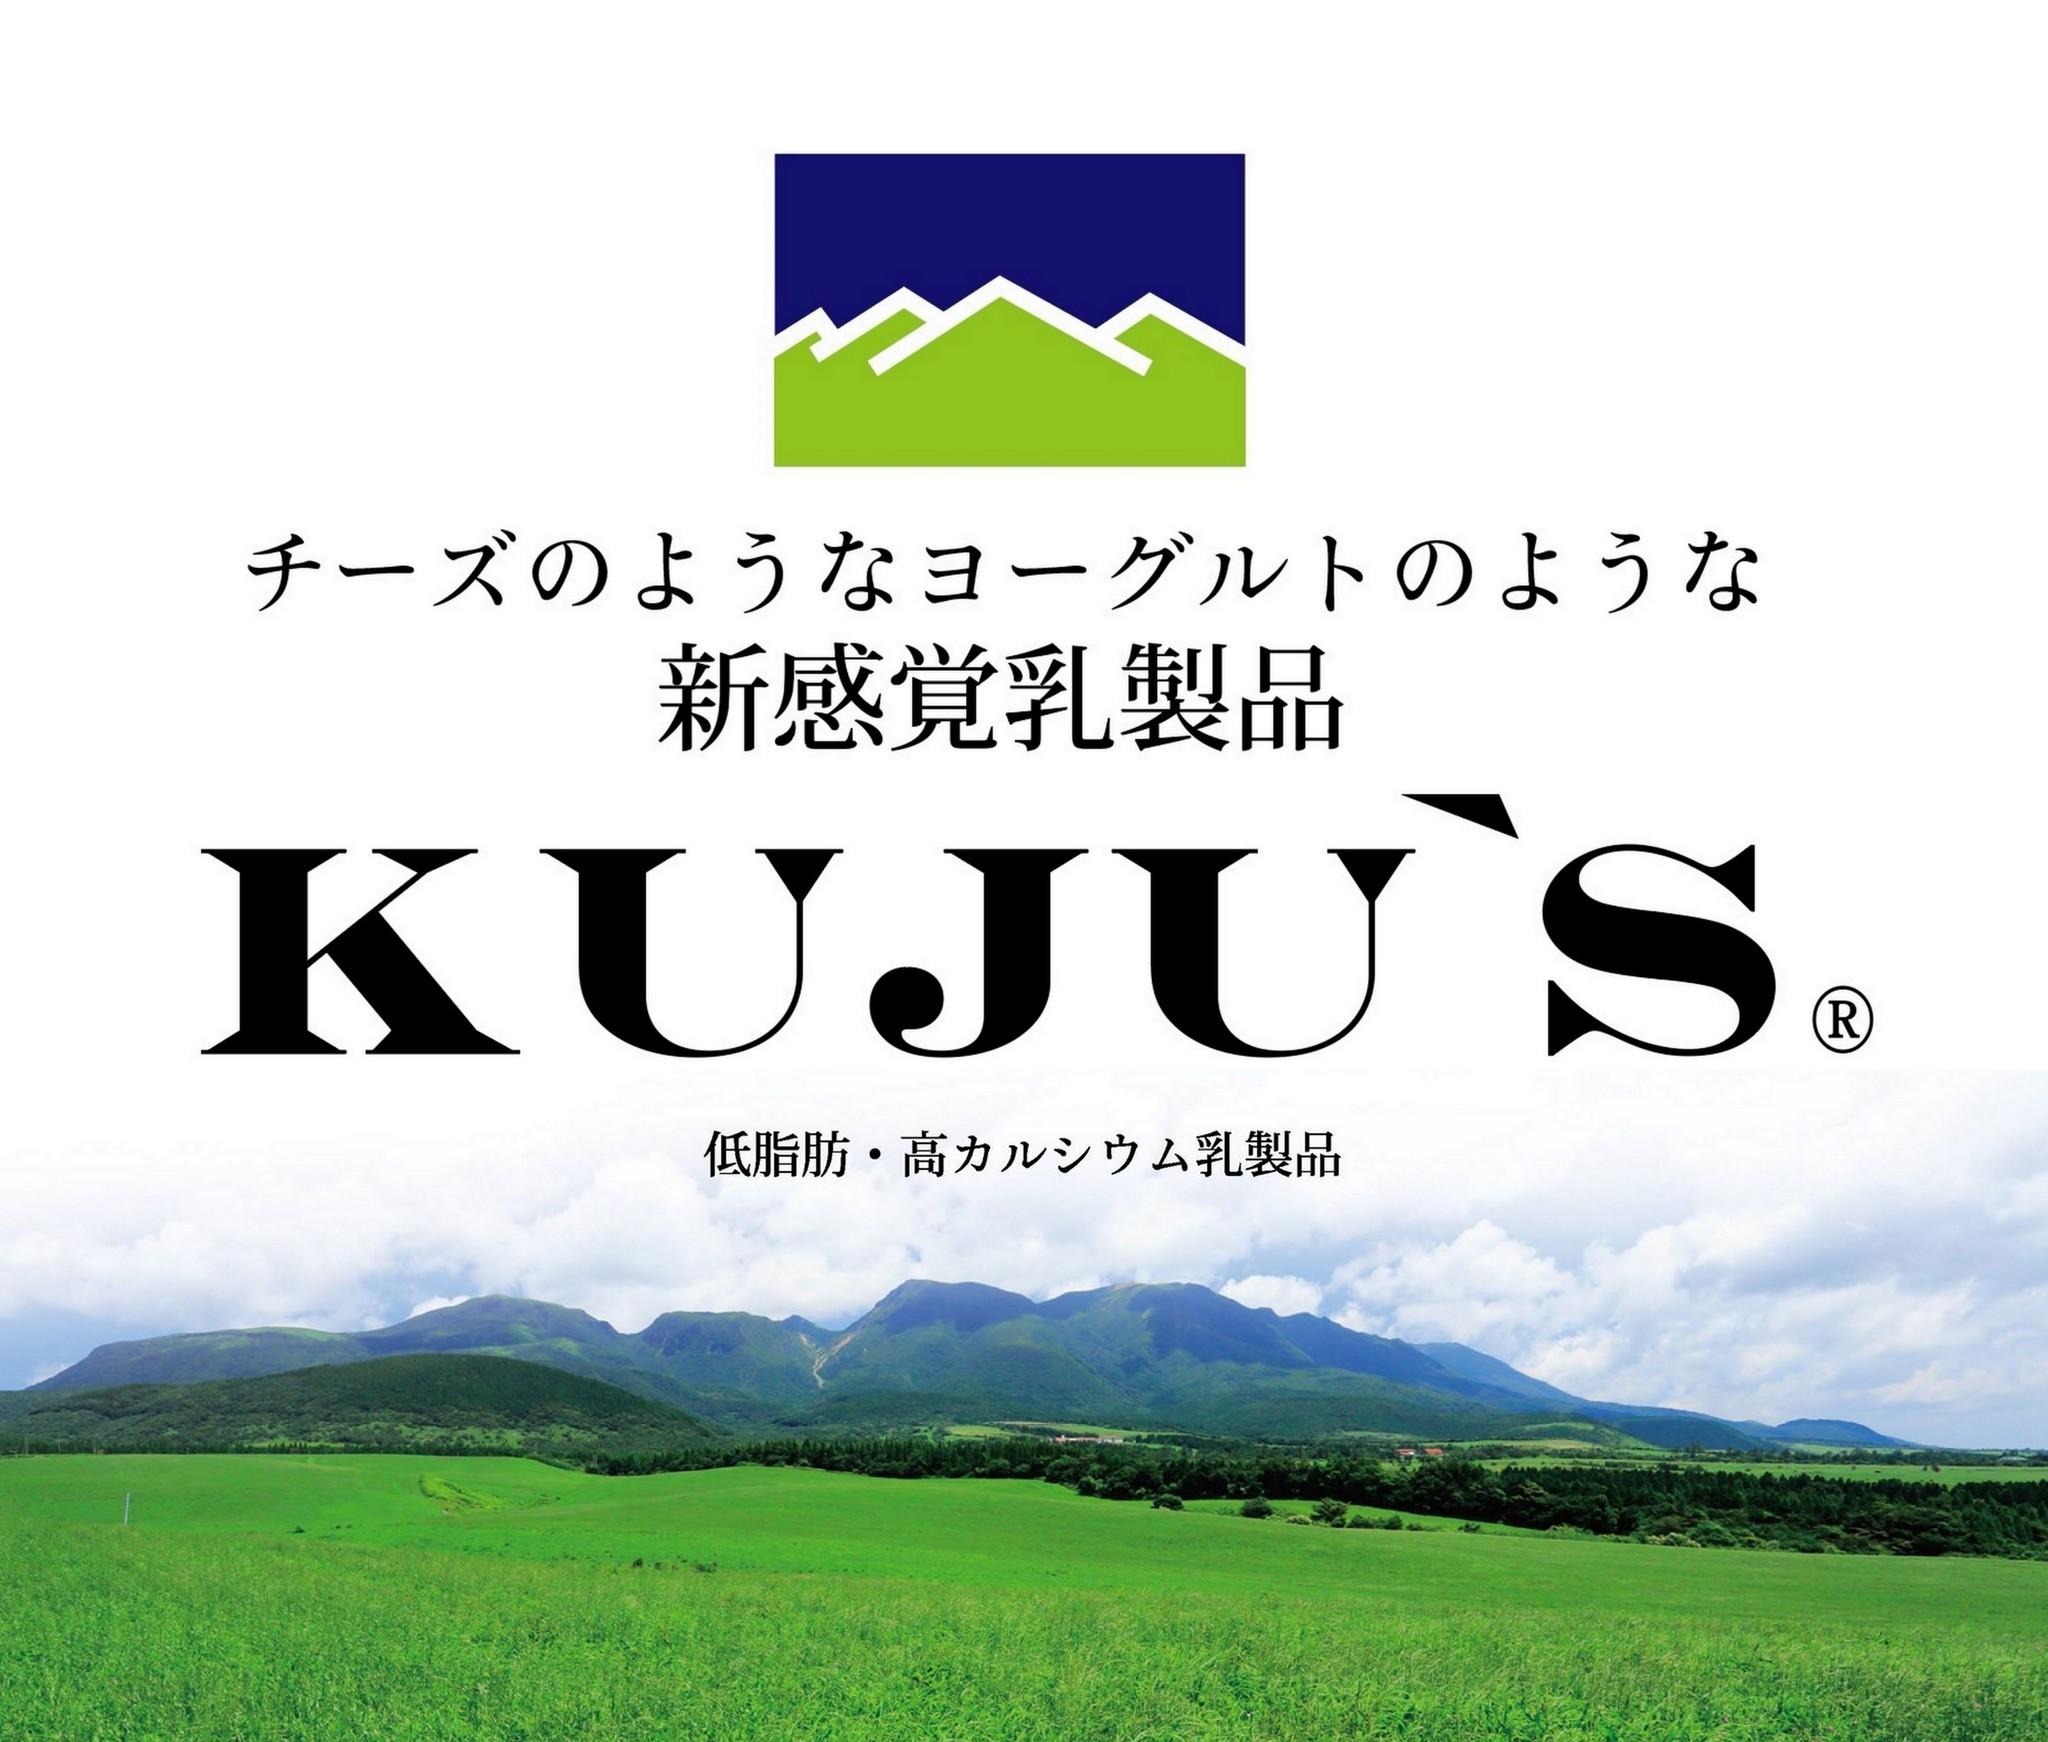 日本初!新感覚乳製品KUJU'S とアイスランド映画『たちあがる女』奇跡のコラボレーション!